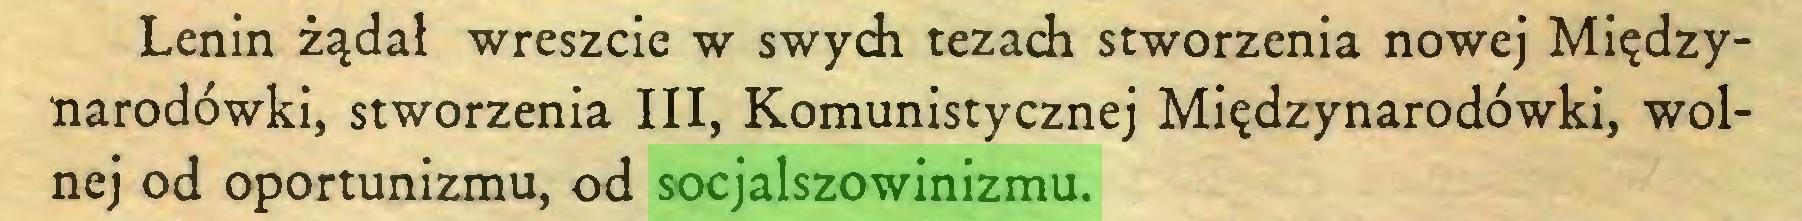 (...) Lenin żądał wreszcie w swych tezach stworzenia nowej Międzynarodówki, stworzenia III, Komunistycznej Międzynarodówki, wolnej od oportunizmu, od socjalszowinizmu...